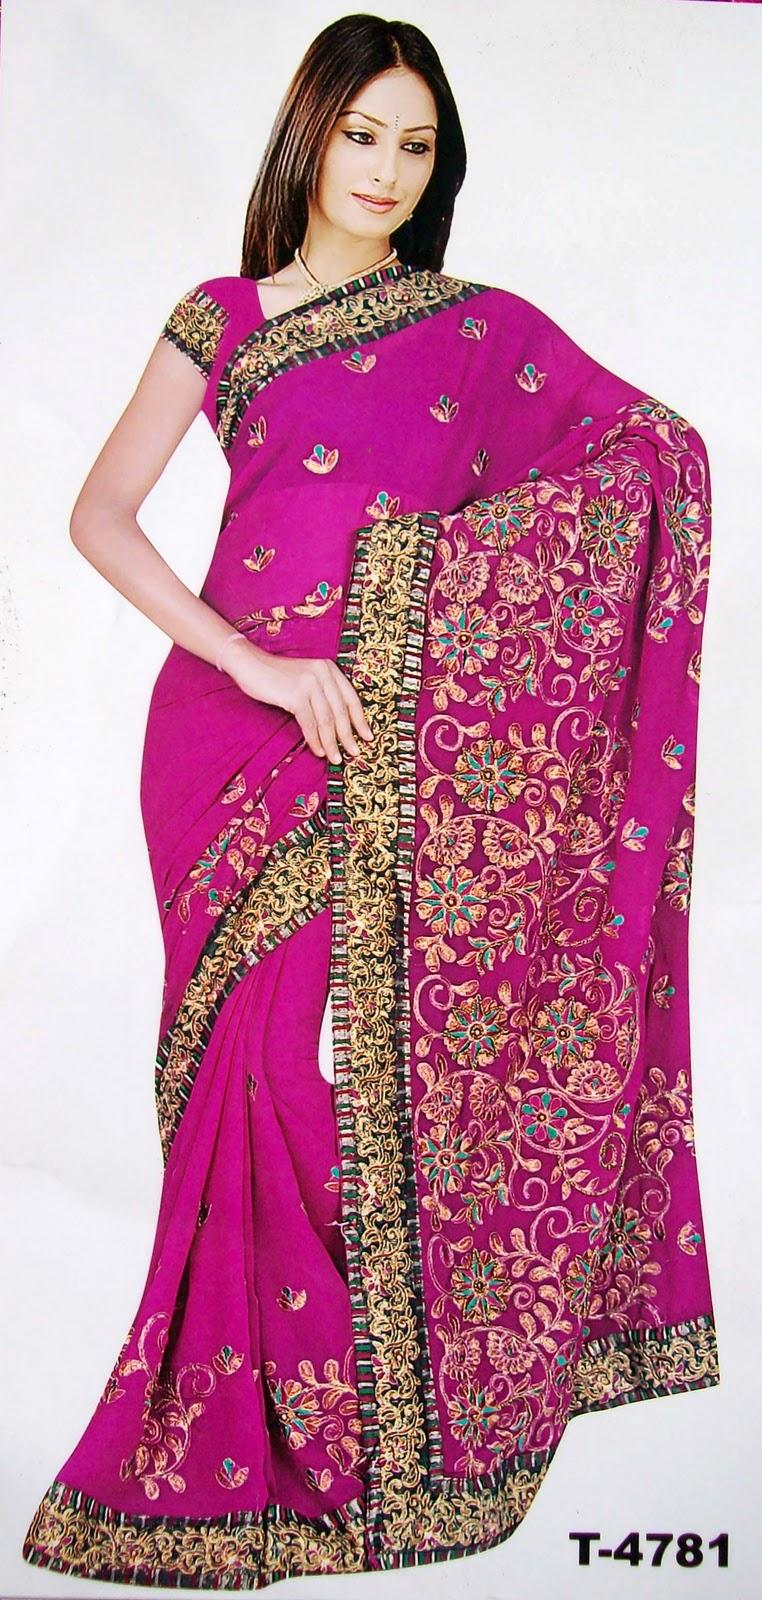 Pink Saree: BOLLYWOOD SARI ROSA SARI INDIAN SAREE DESIGNER SAREE BELLY